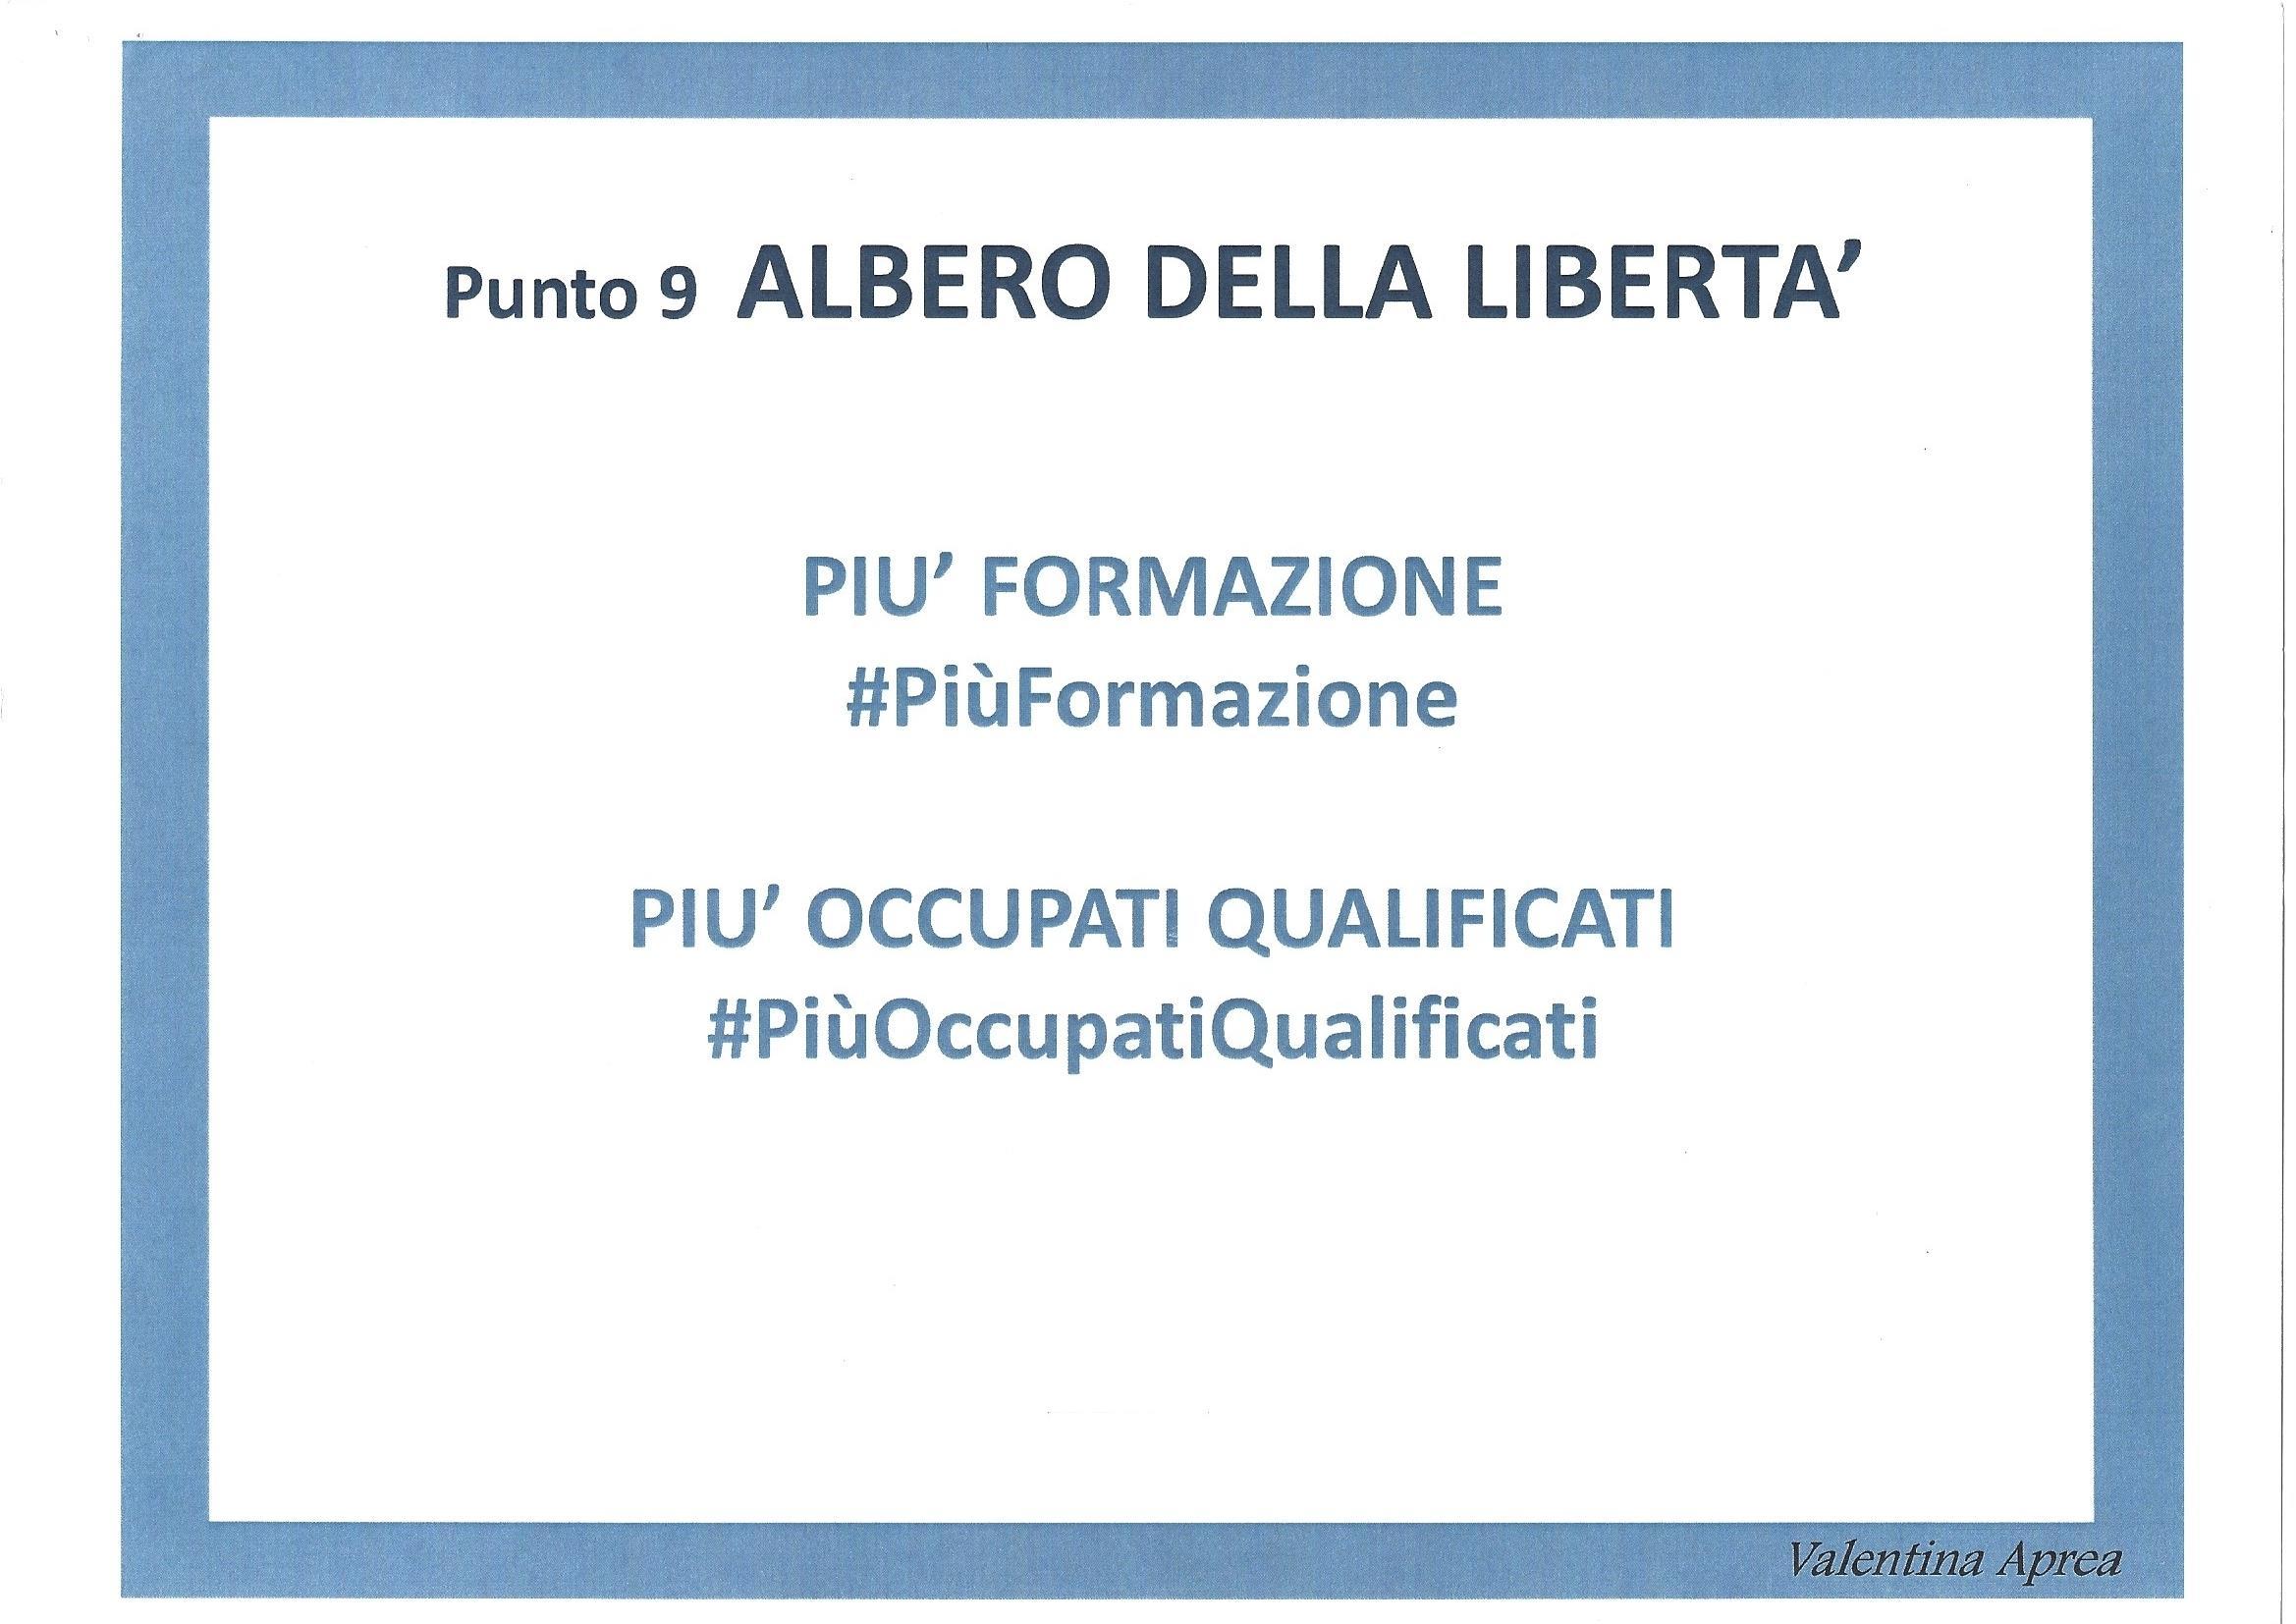 manifesto per la libertà_Pagina_03